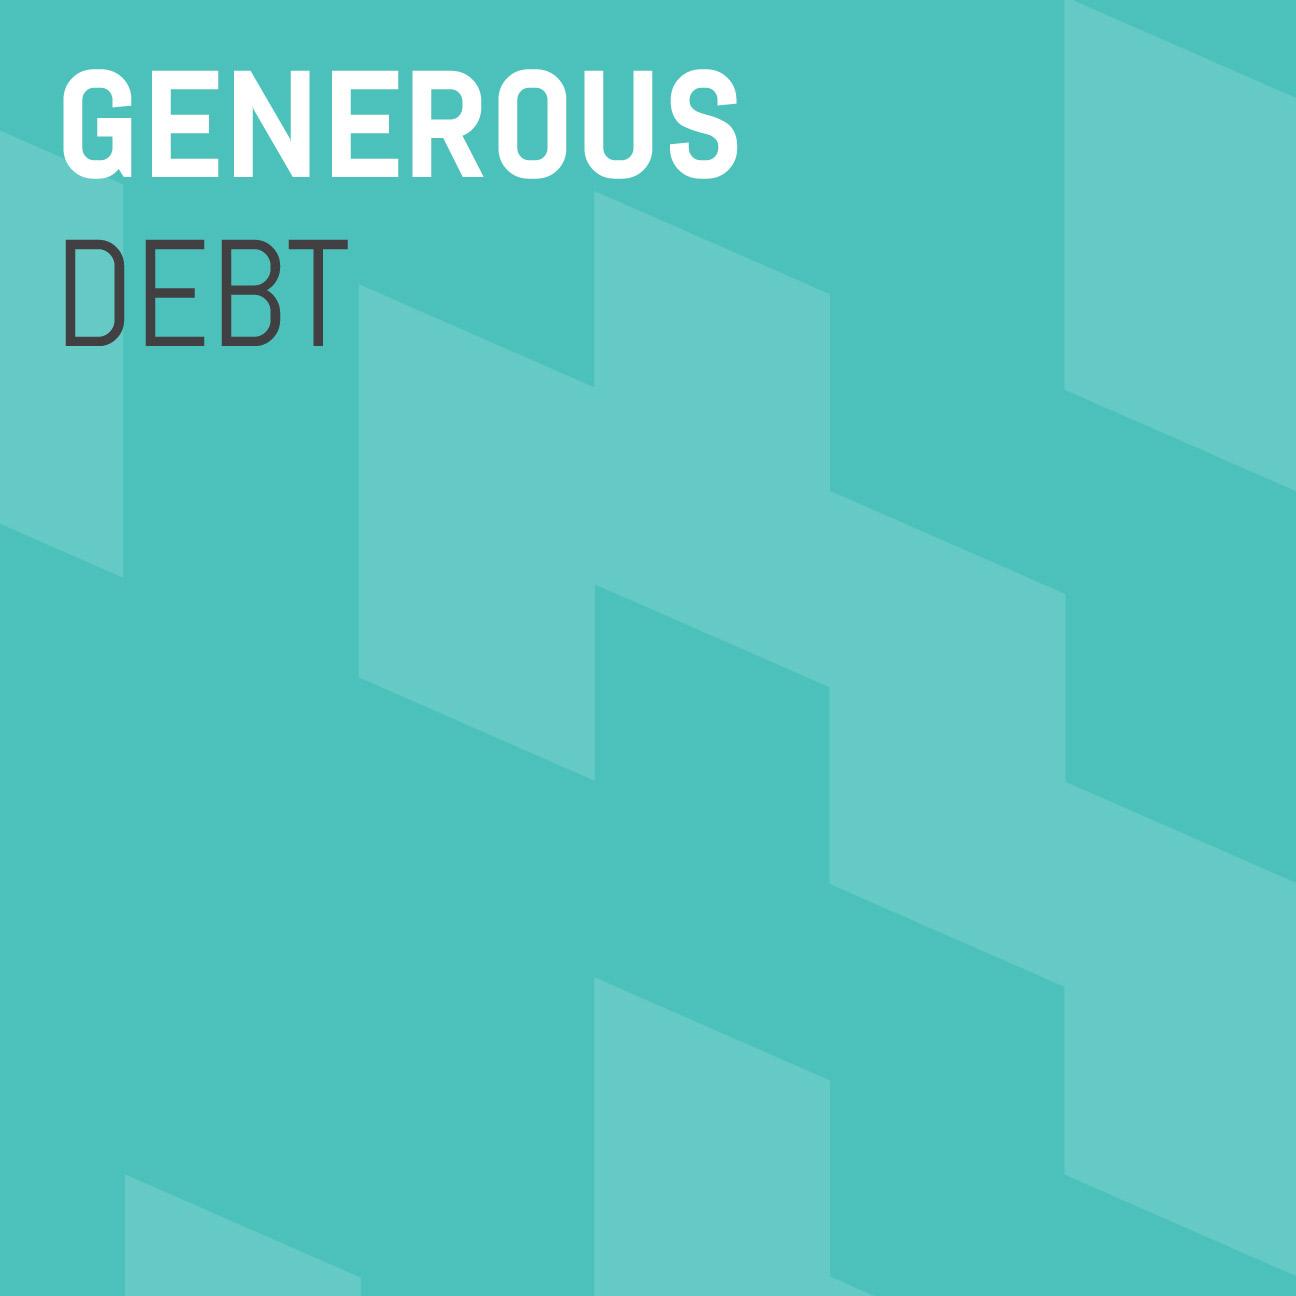 Generous-Debt.jpg